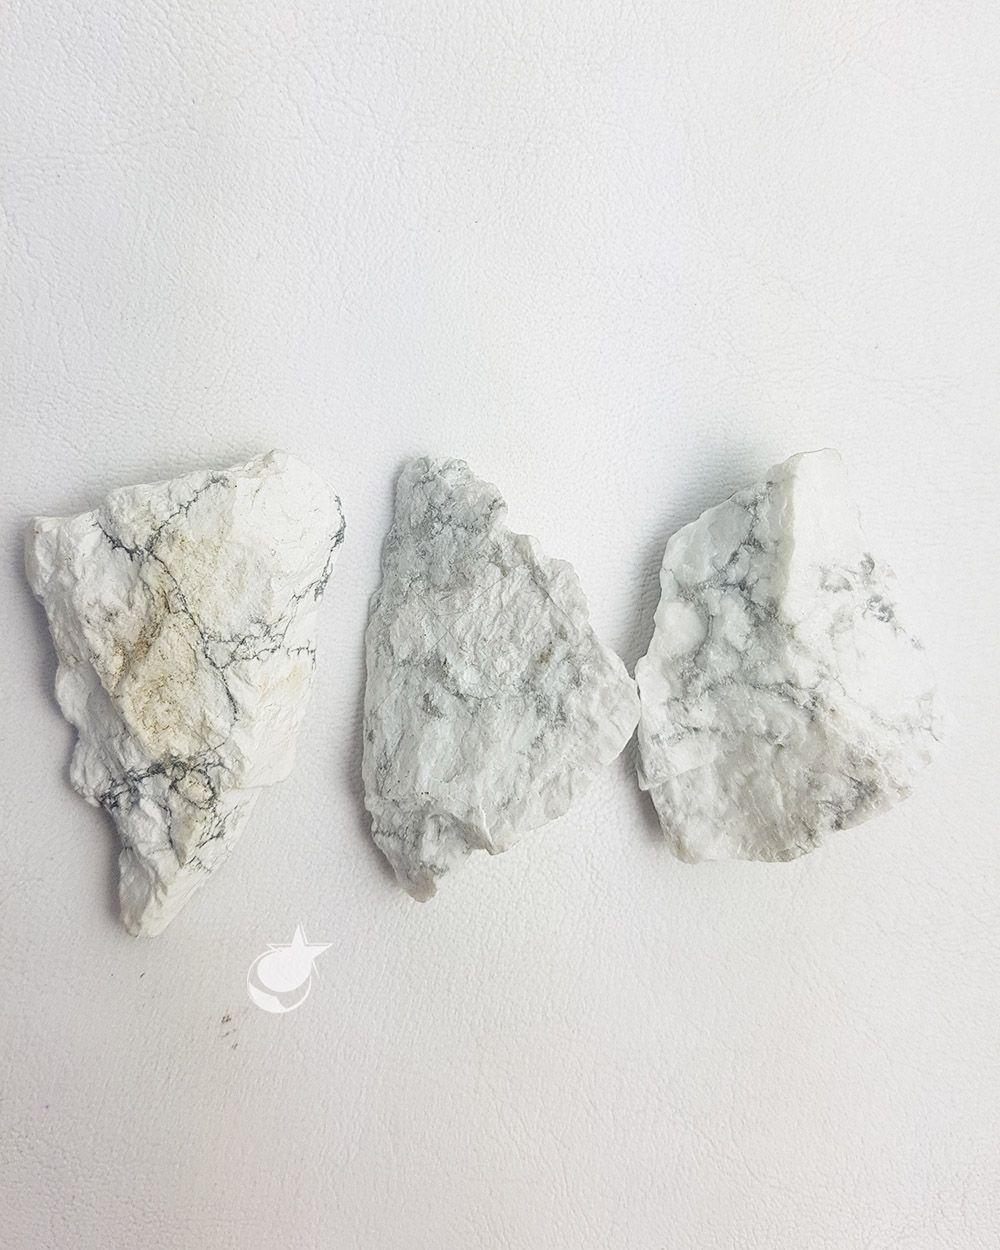 HOWLITA BRUTA - UNIDADE - média de 3 a 4 cm